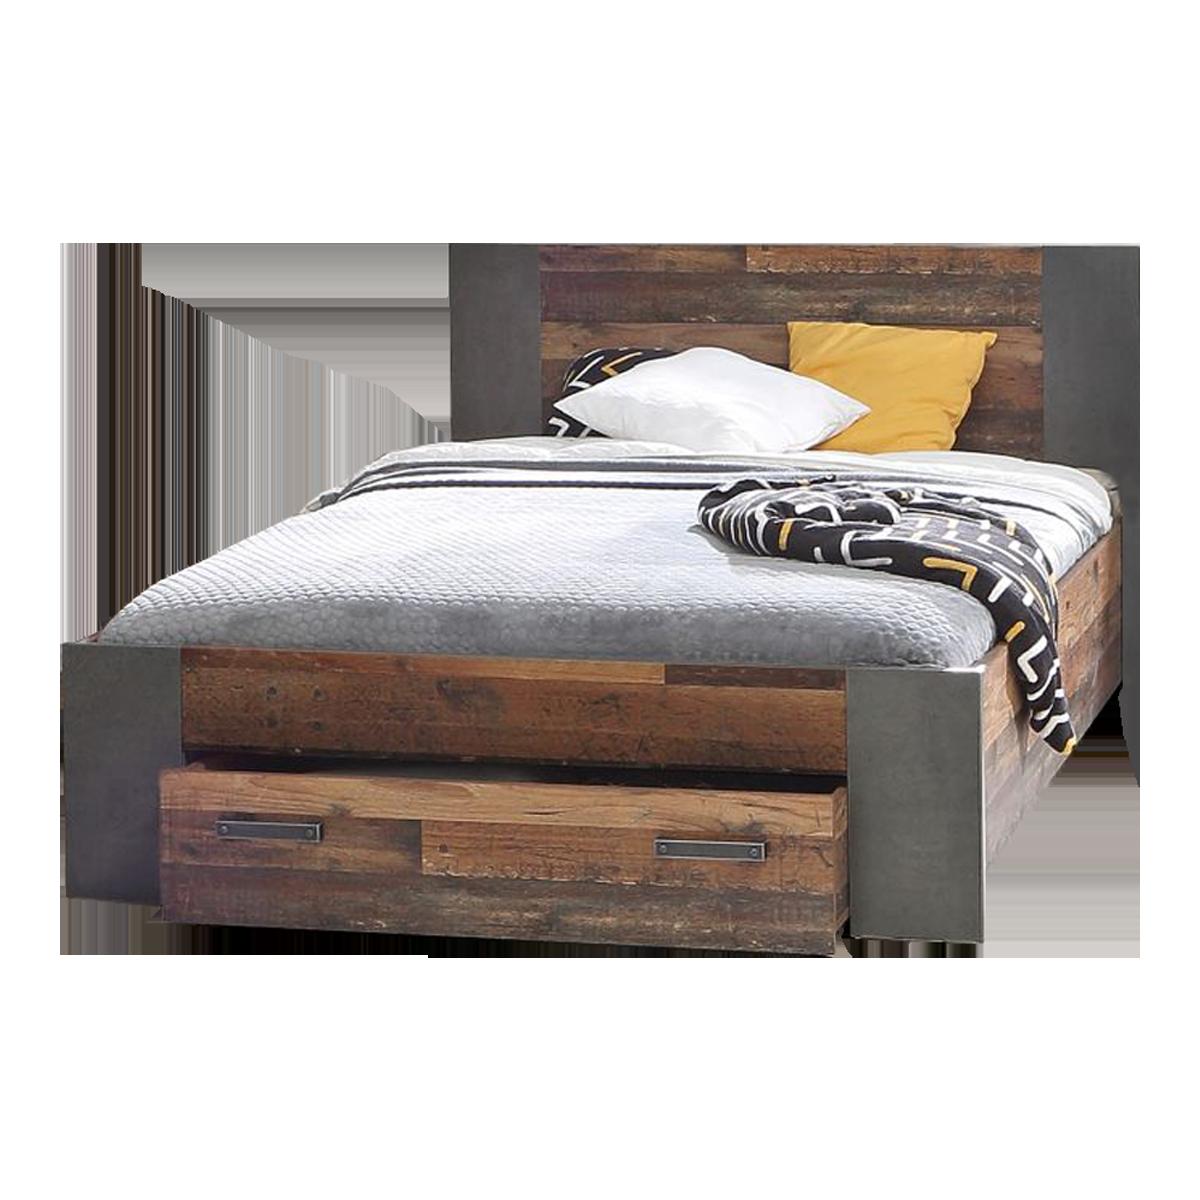 Full Size of Weißes Bett 160x200 Bopita Weiß 100x200 Billige Betten Mit Unterbett München Weisses Beleuchtung 140 Ausstellungsstück Kopfteil Hülsta Schlafzimmer Bett Bett Vintage